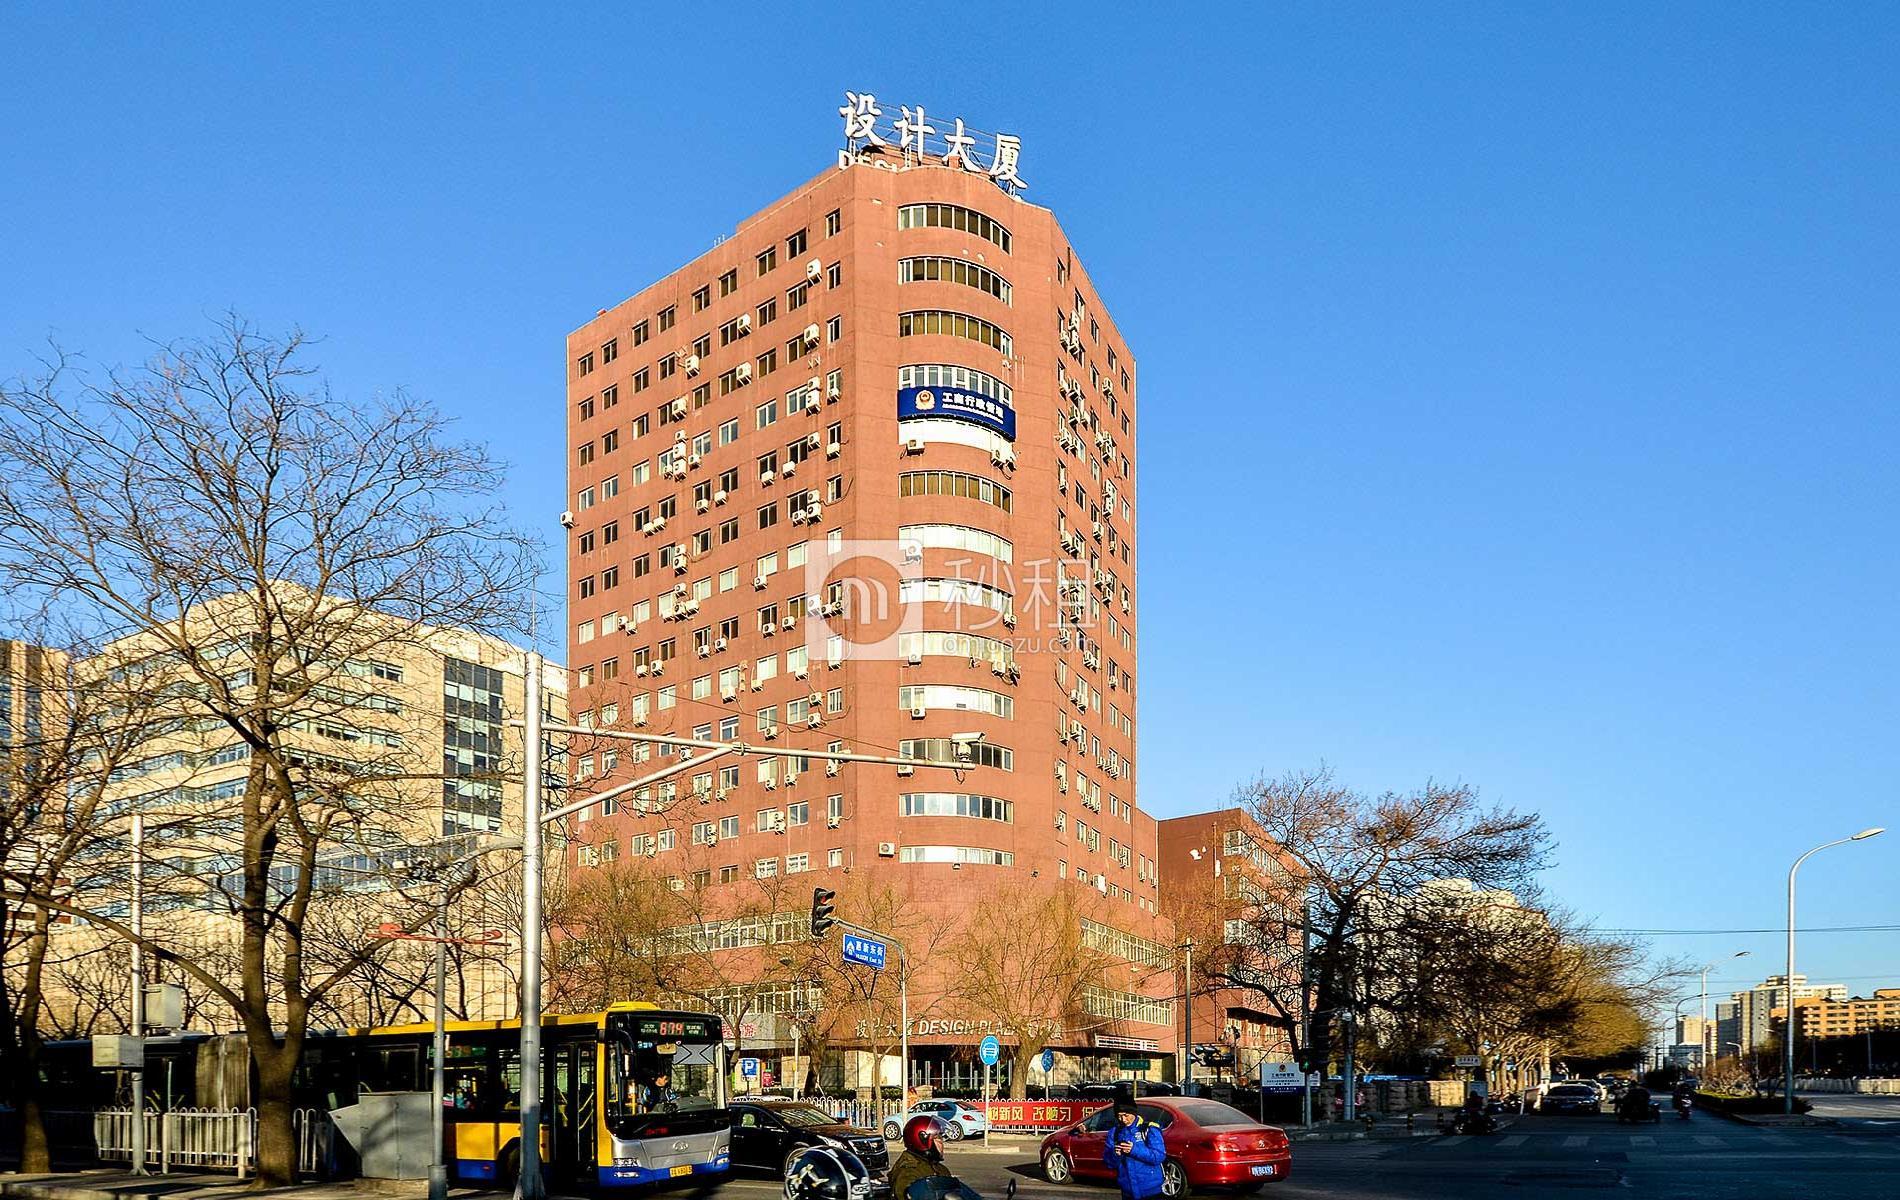 设计大厦写字楼出租/招租/租赁,设计大厦办公室出租/招租/租赁